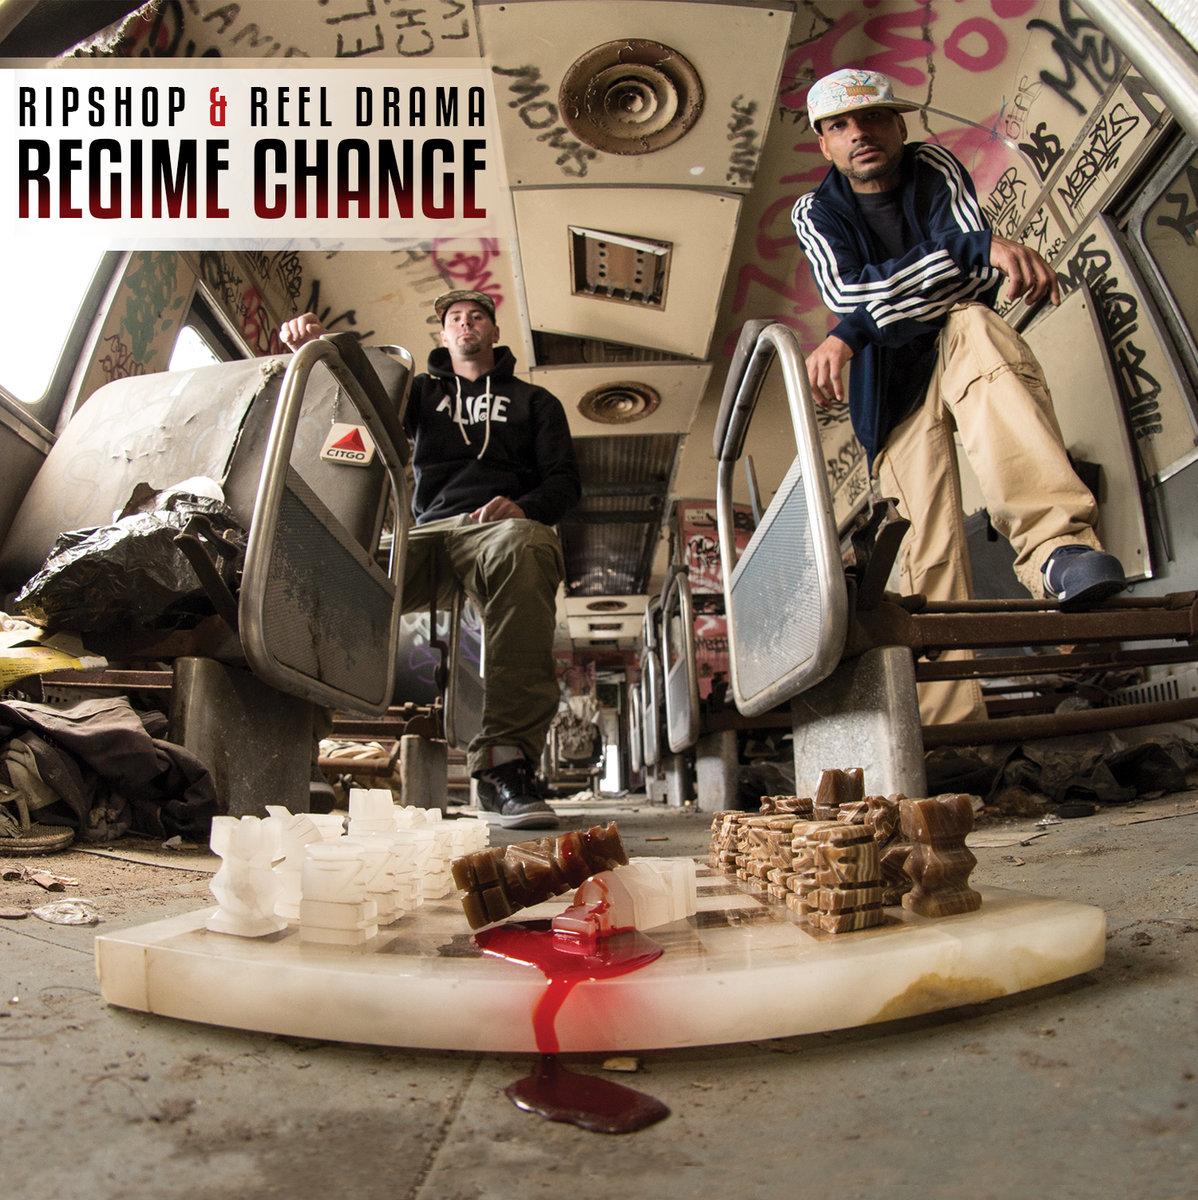 Ripshop___reel_drama_presenta_regime_change